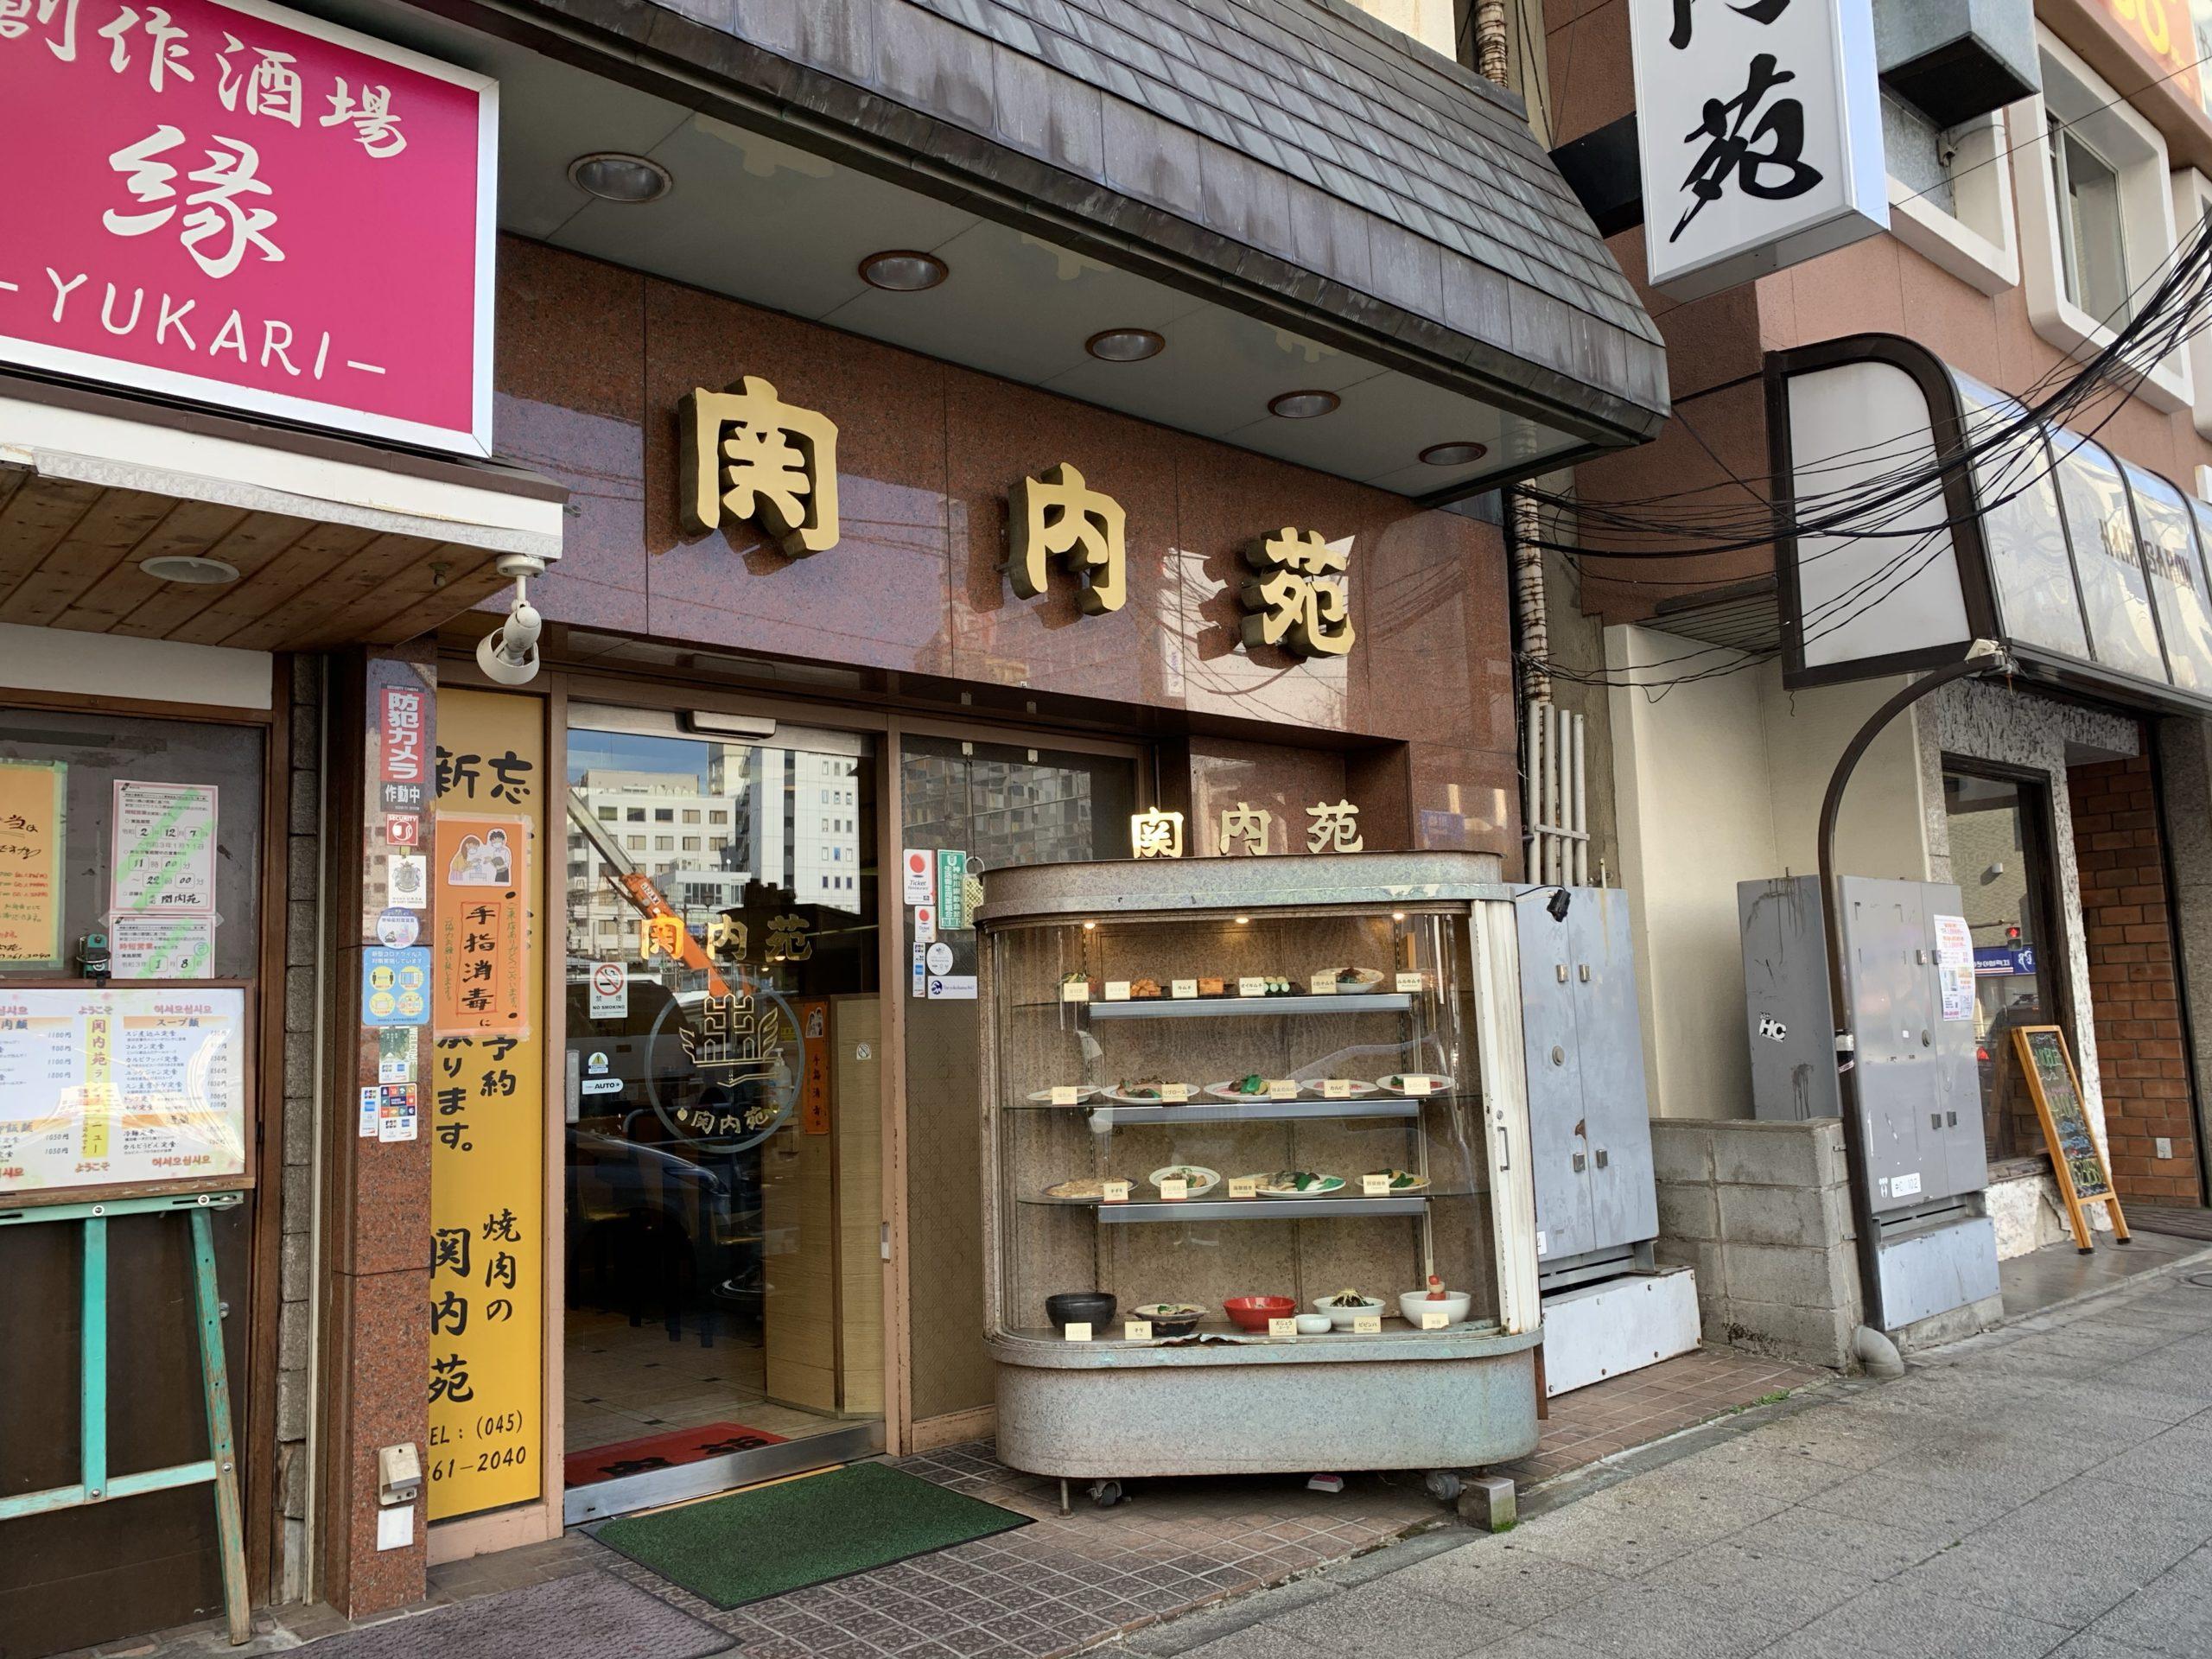 関内駅から徒歩5分と駅近にある「関内苑本店」。